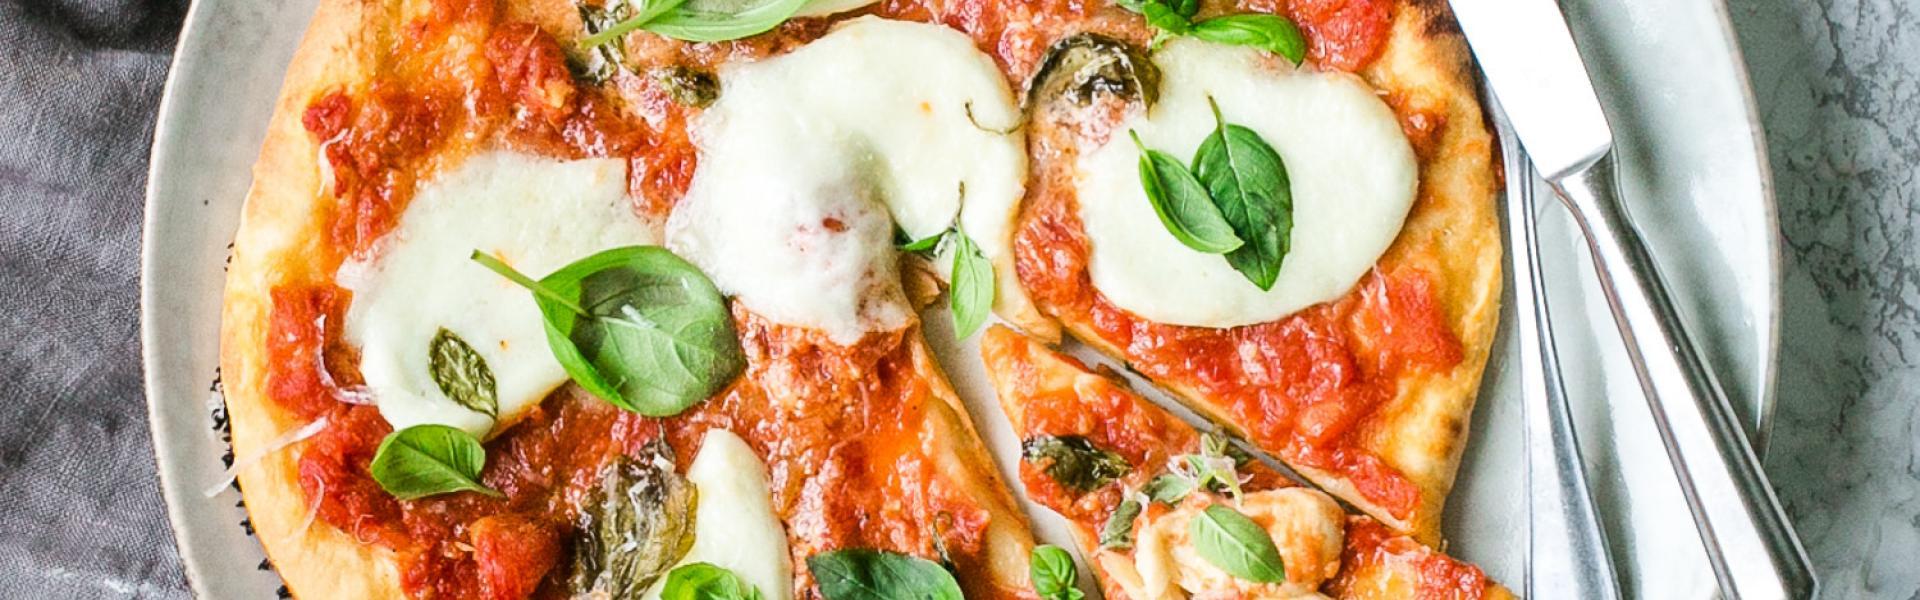 Pizza Margherita mit einem Pizzateig ohne Hefe auf Teller und grauer Serviette.